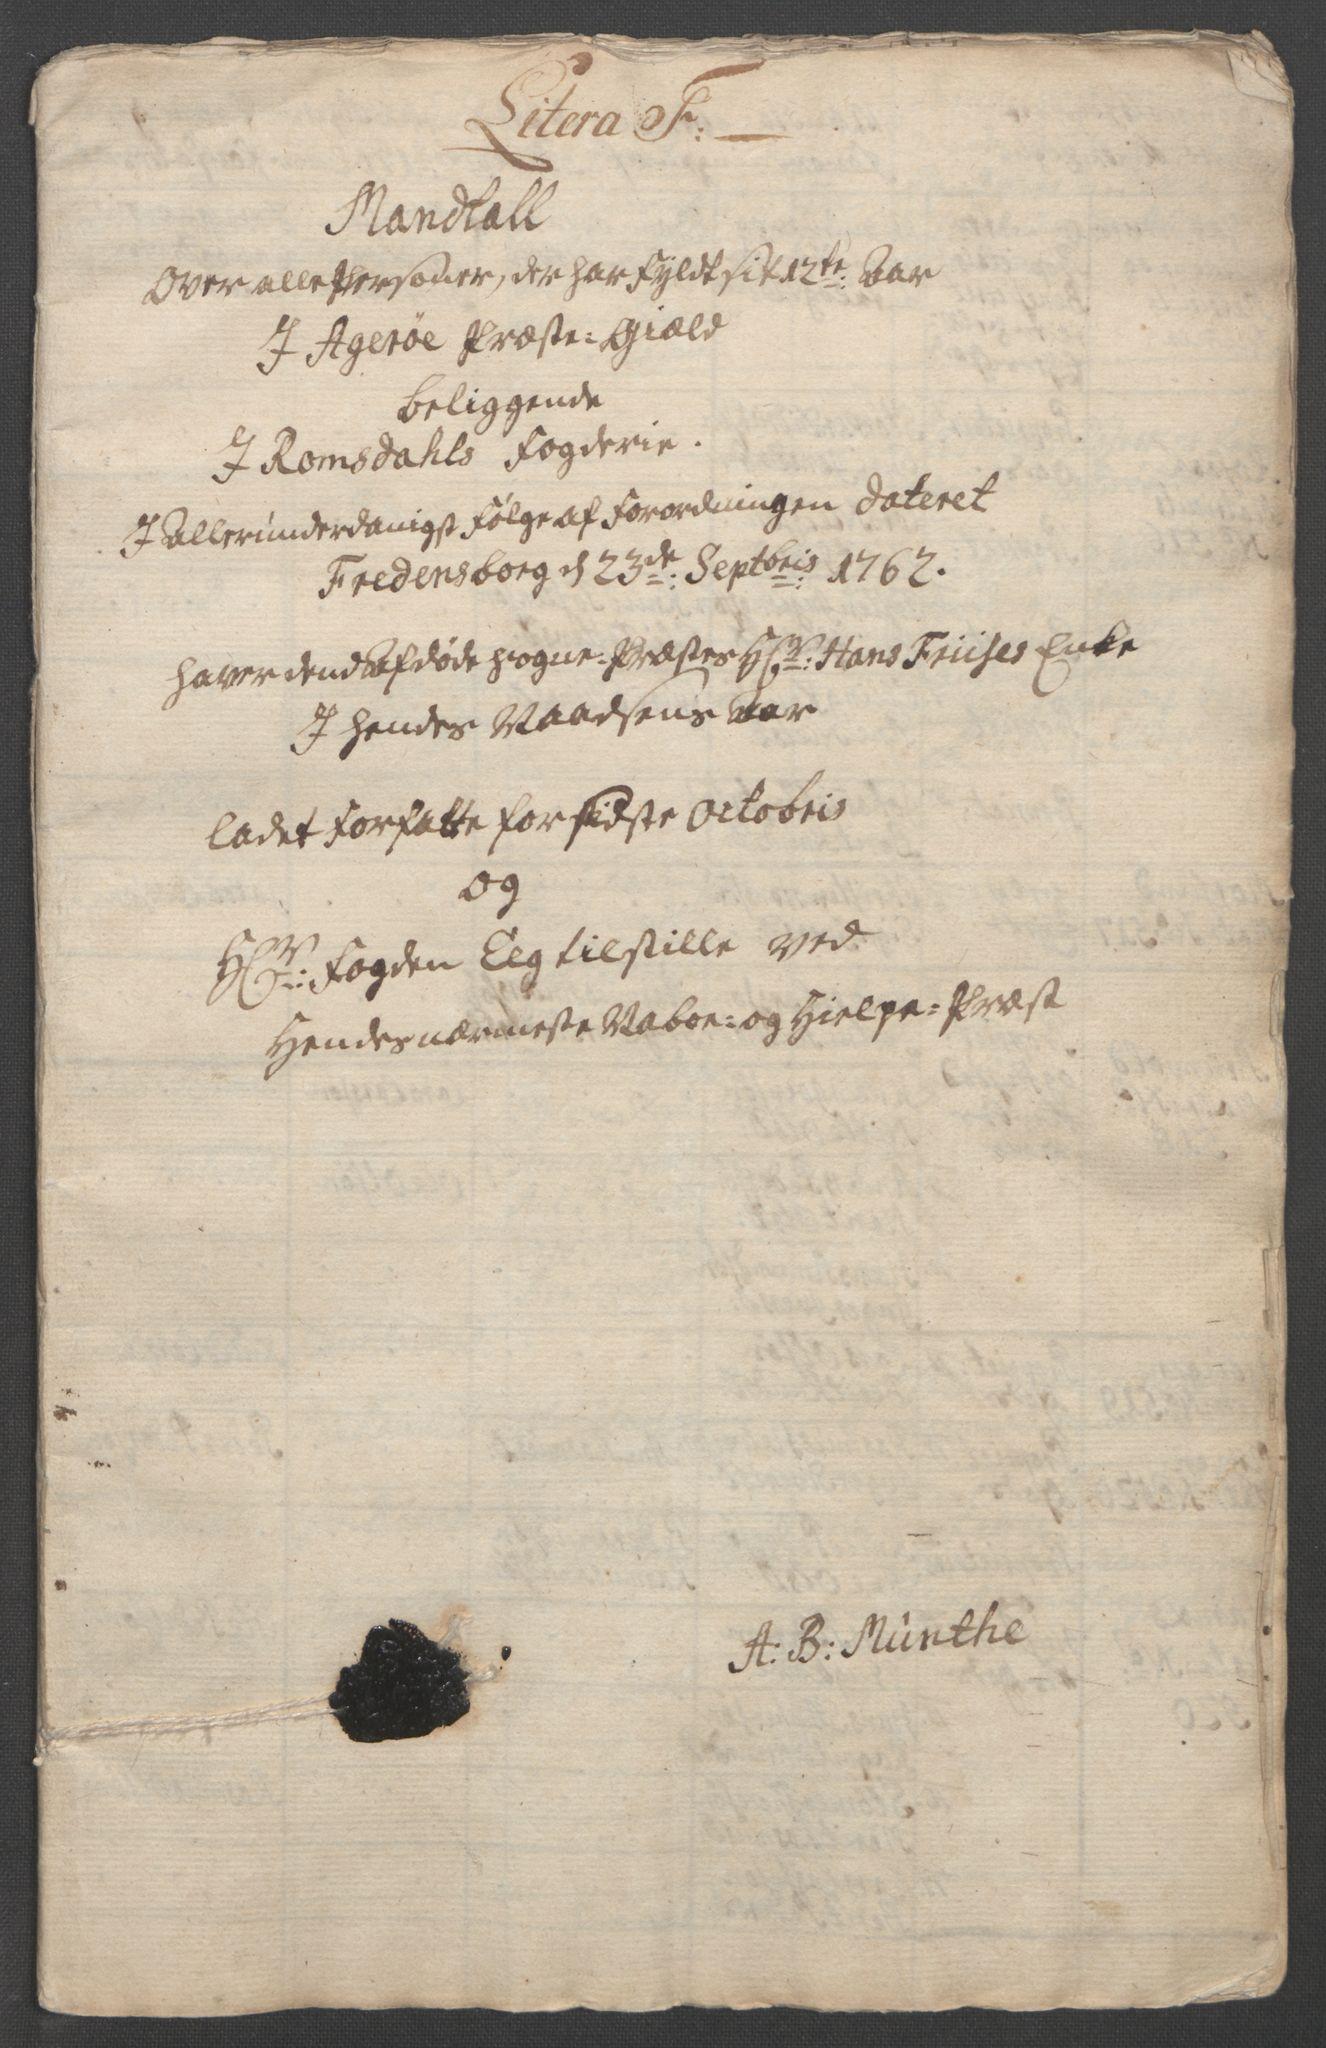 RA, Rentekammeret inntil 1814, Reviderte regnskaper, Fogderegnskap, R55/L3730: Ekstraskatten Romsdal, 1762-1763, s. 309